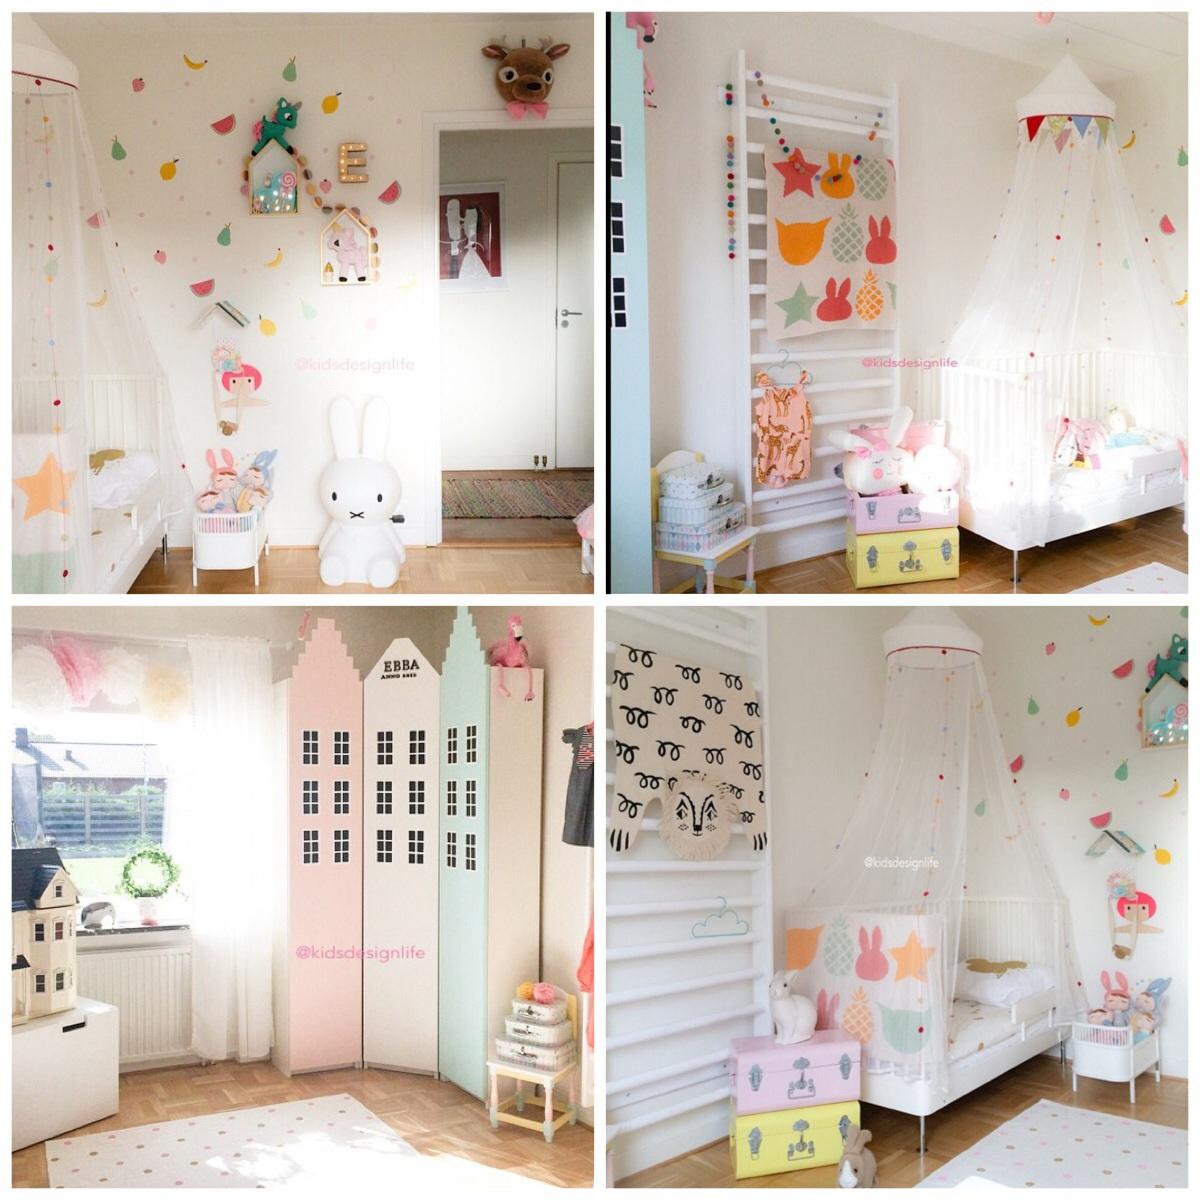 Inspiratie scandinavische kinderkamer interieur - Kleine kinderkamer ...